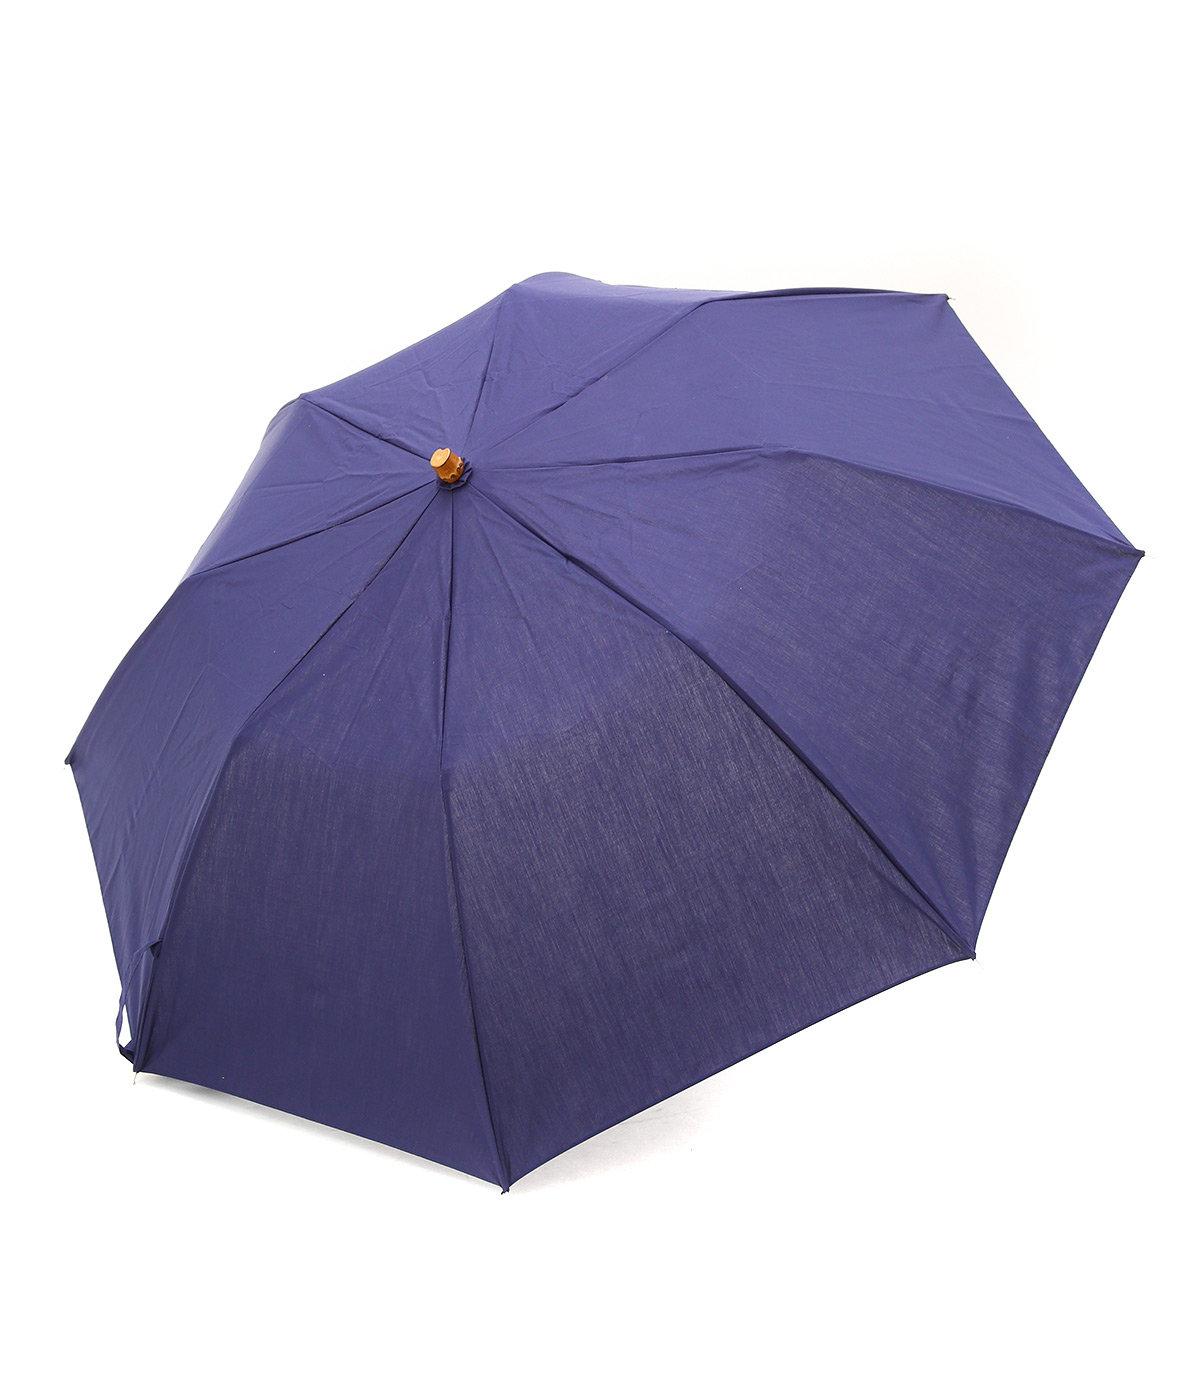 【レディース】FOLDING BAMBOO GLDーVIOLETINKー / 折りたたみ傘